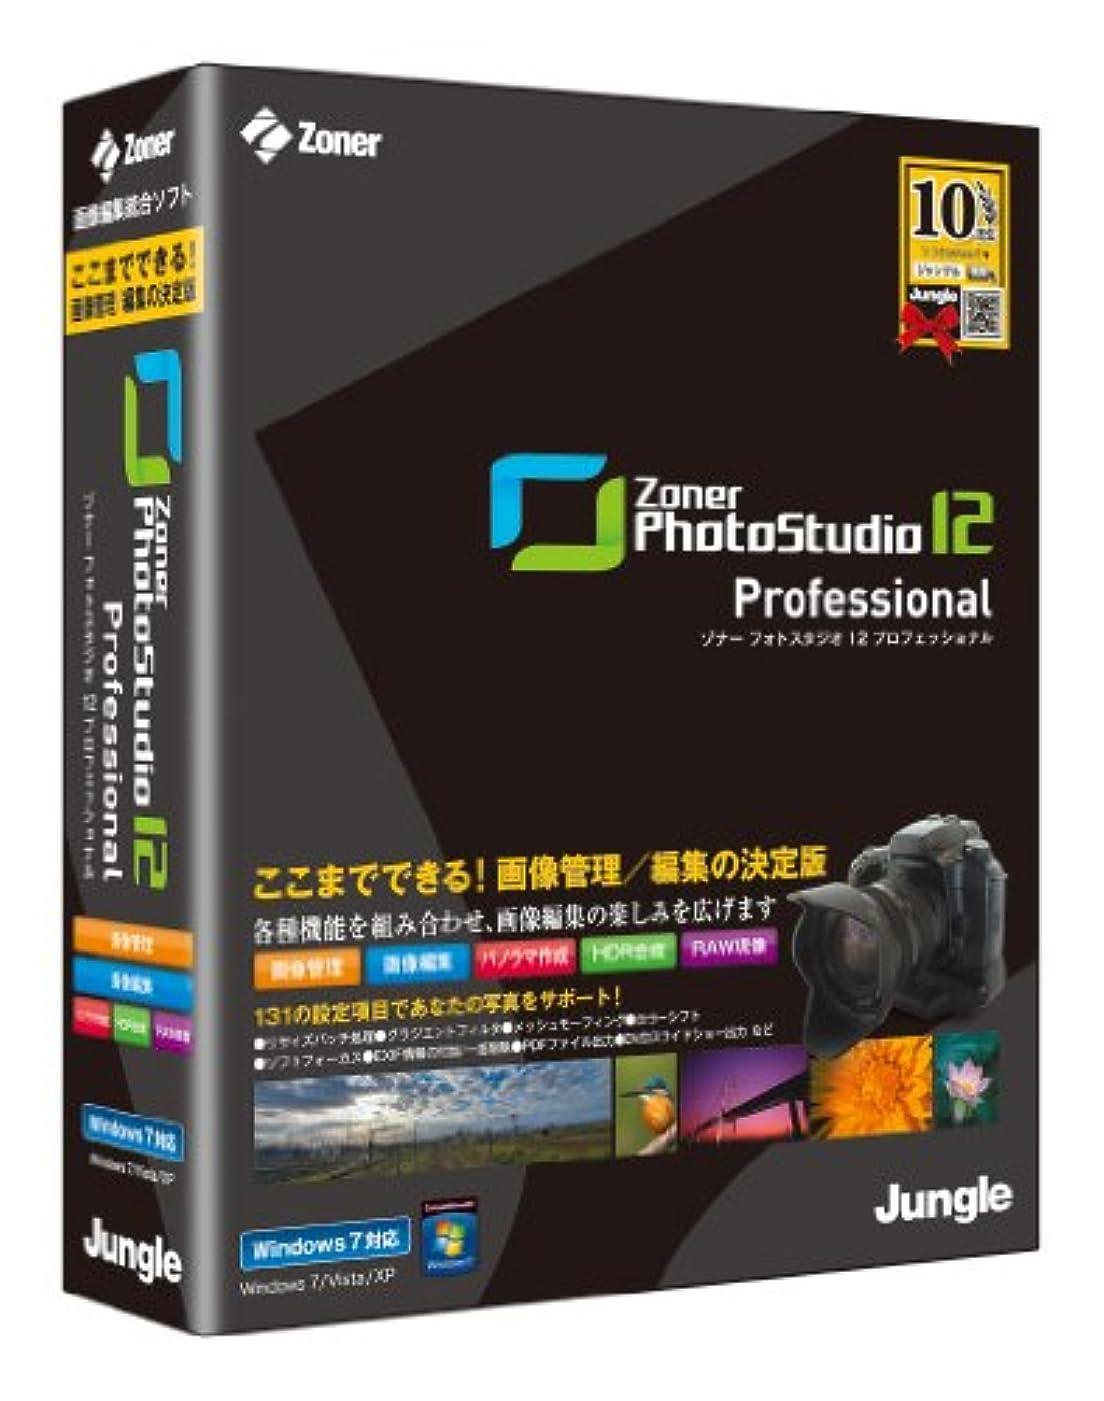 アカデミック論理的に名目上のZonerPhotoStudio12 Professional